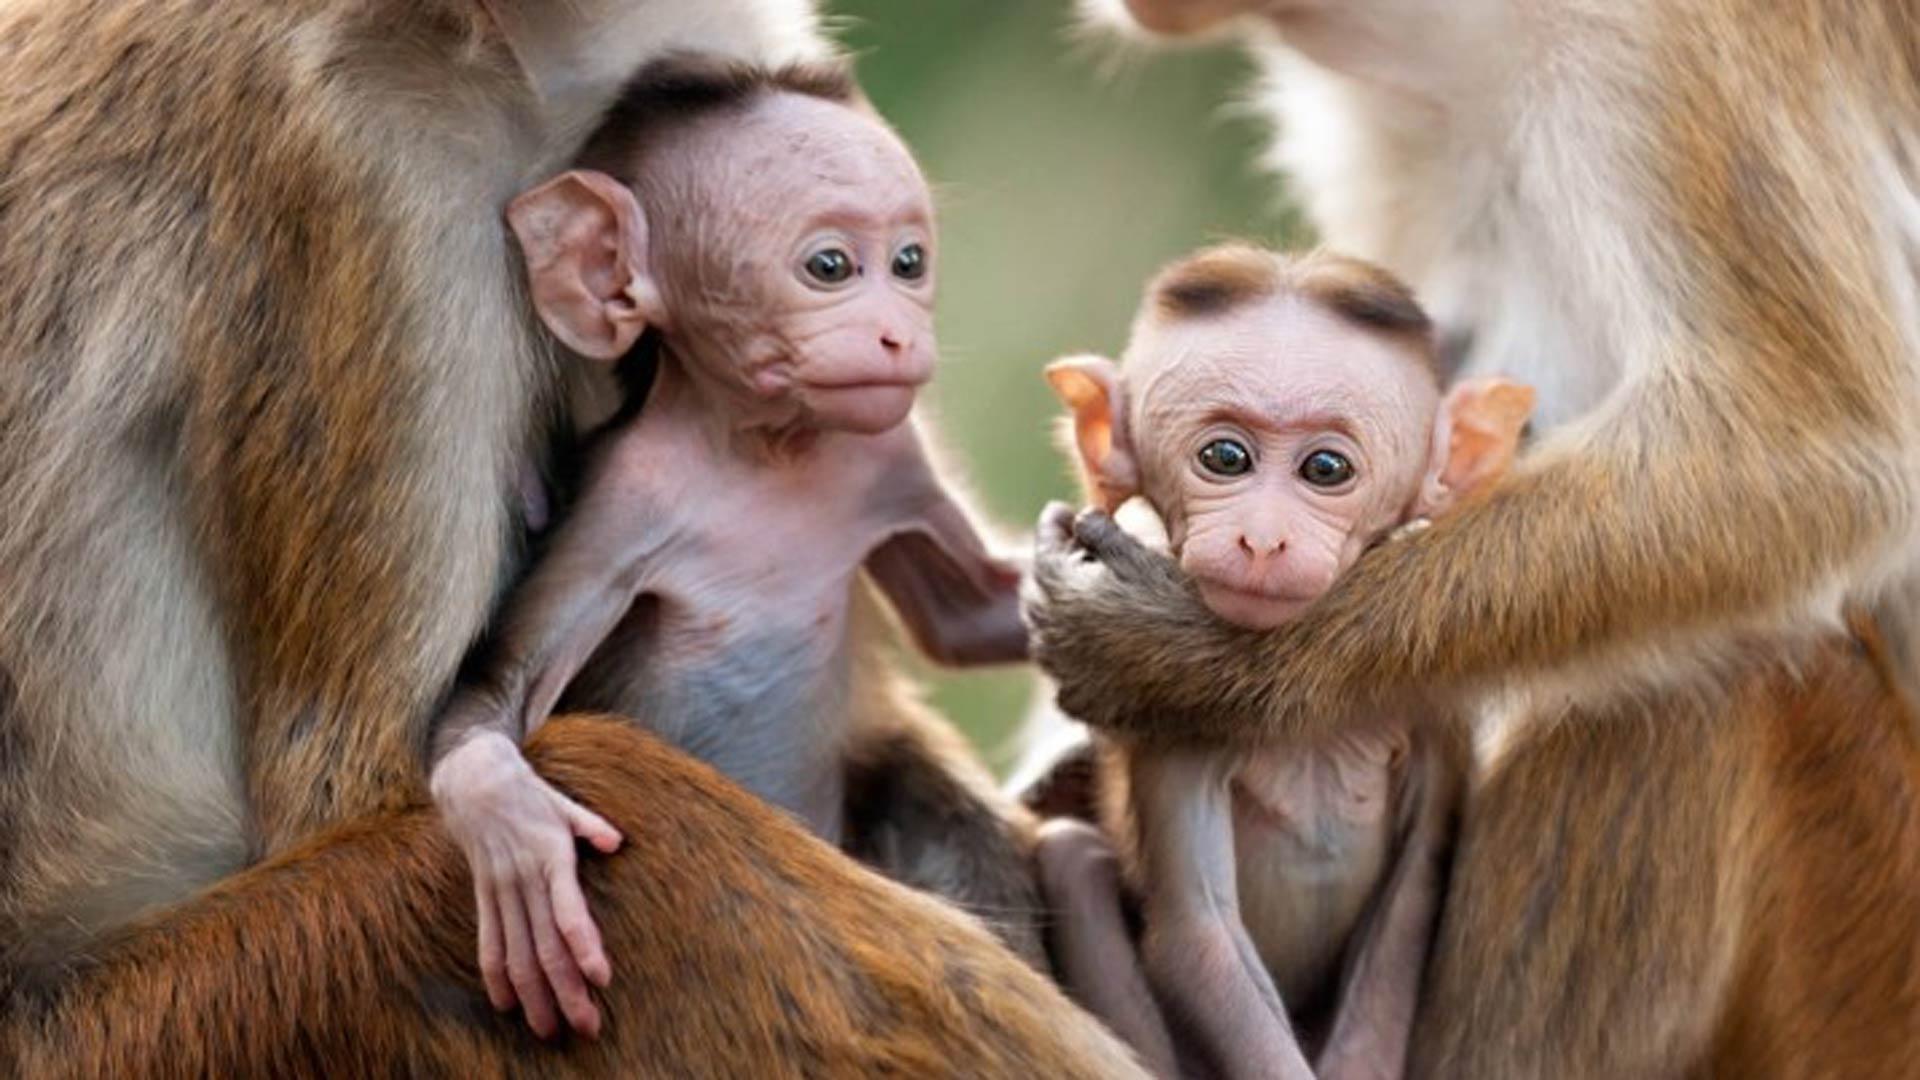 猴子_有关猴子的电影